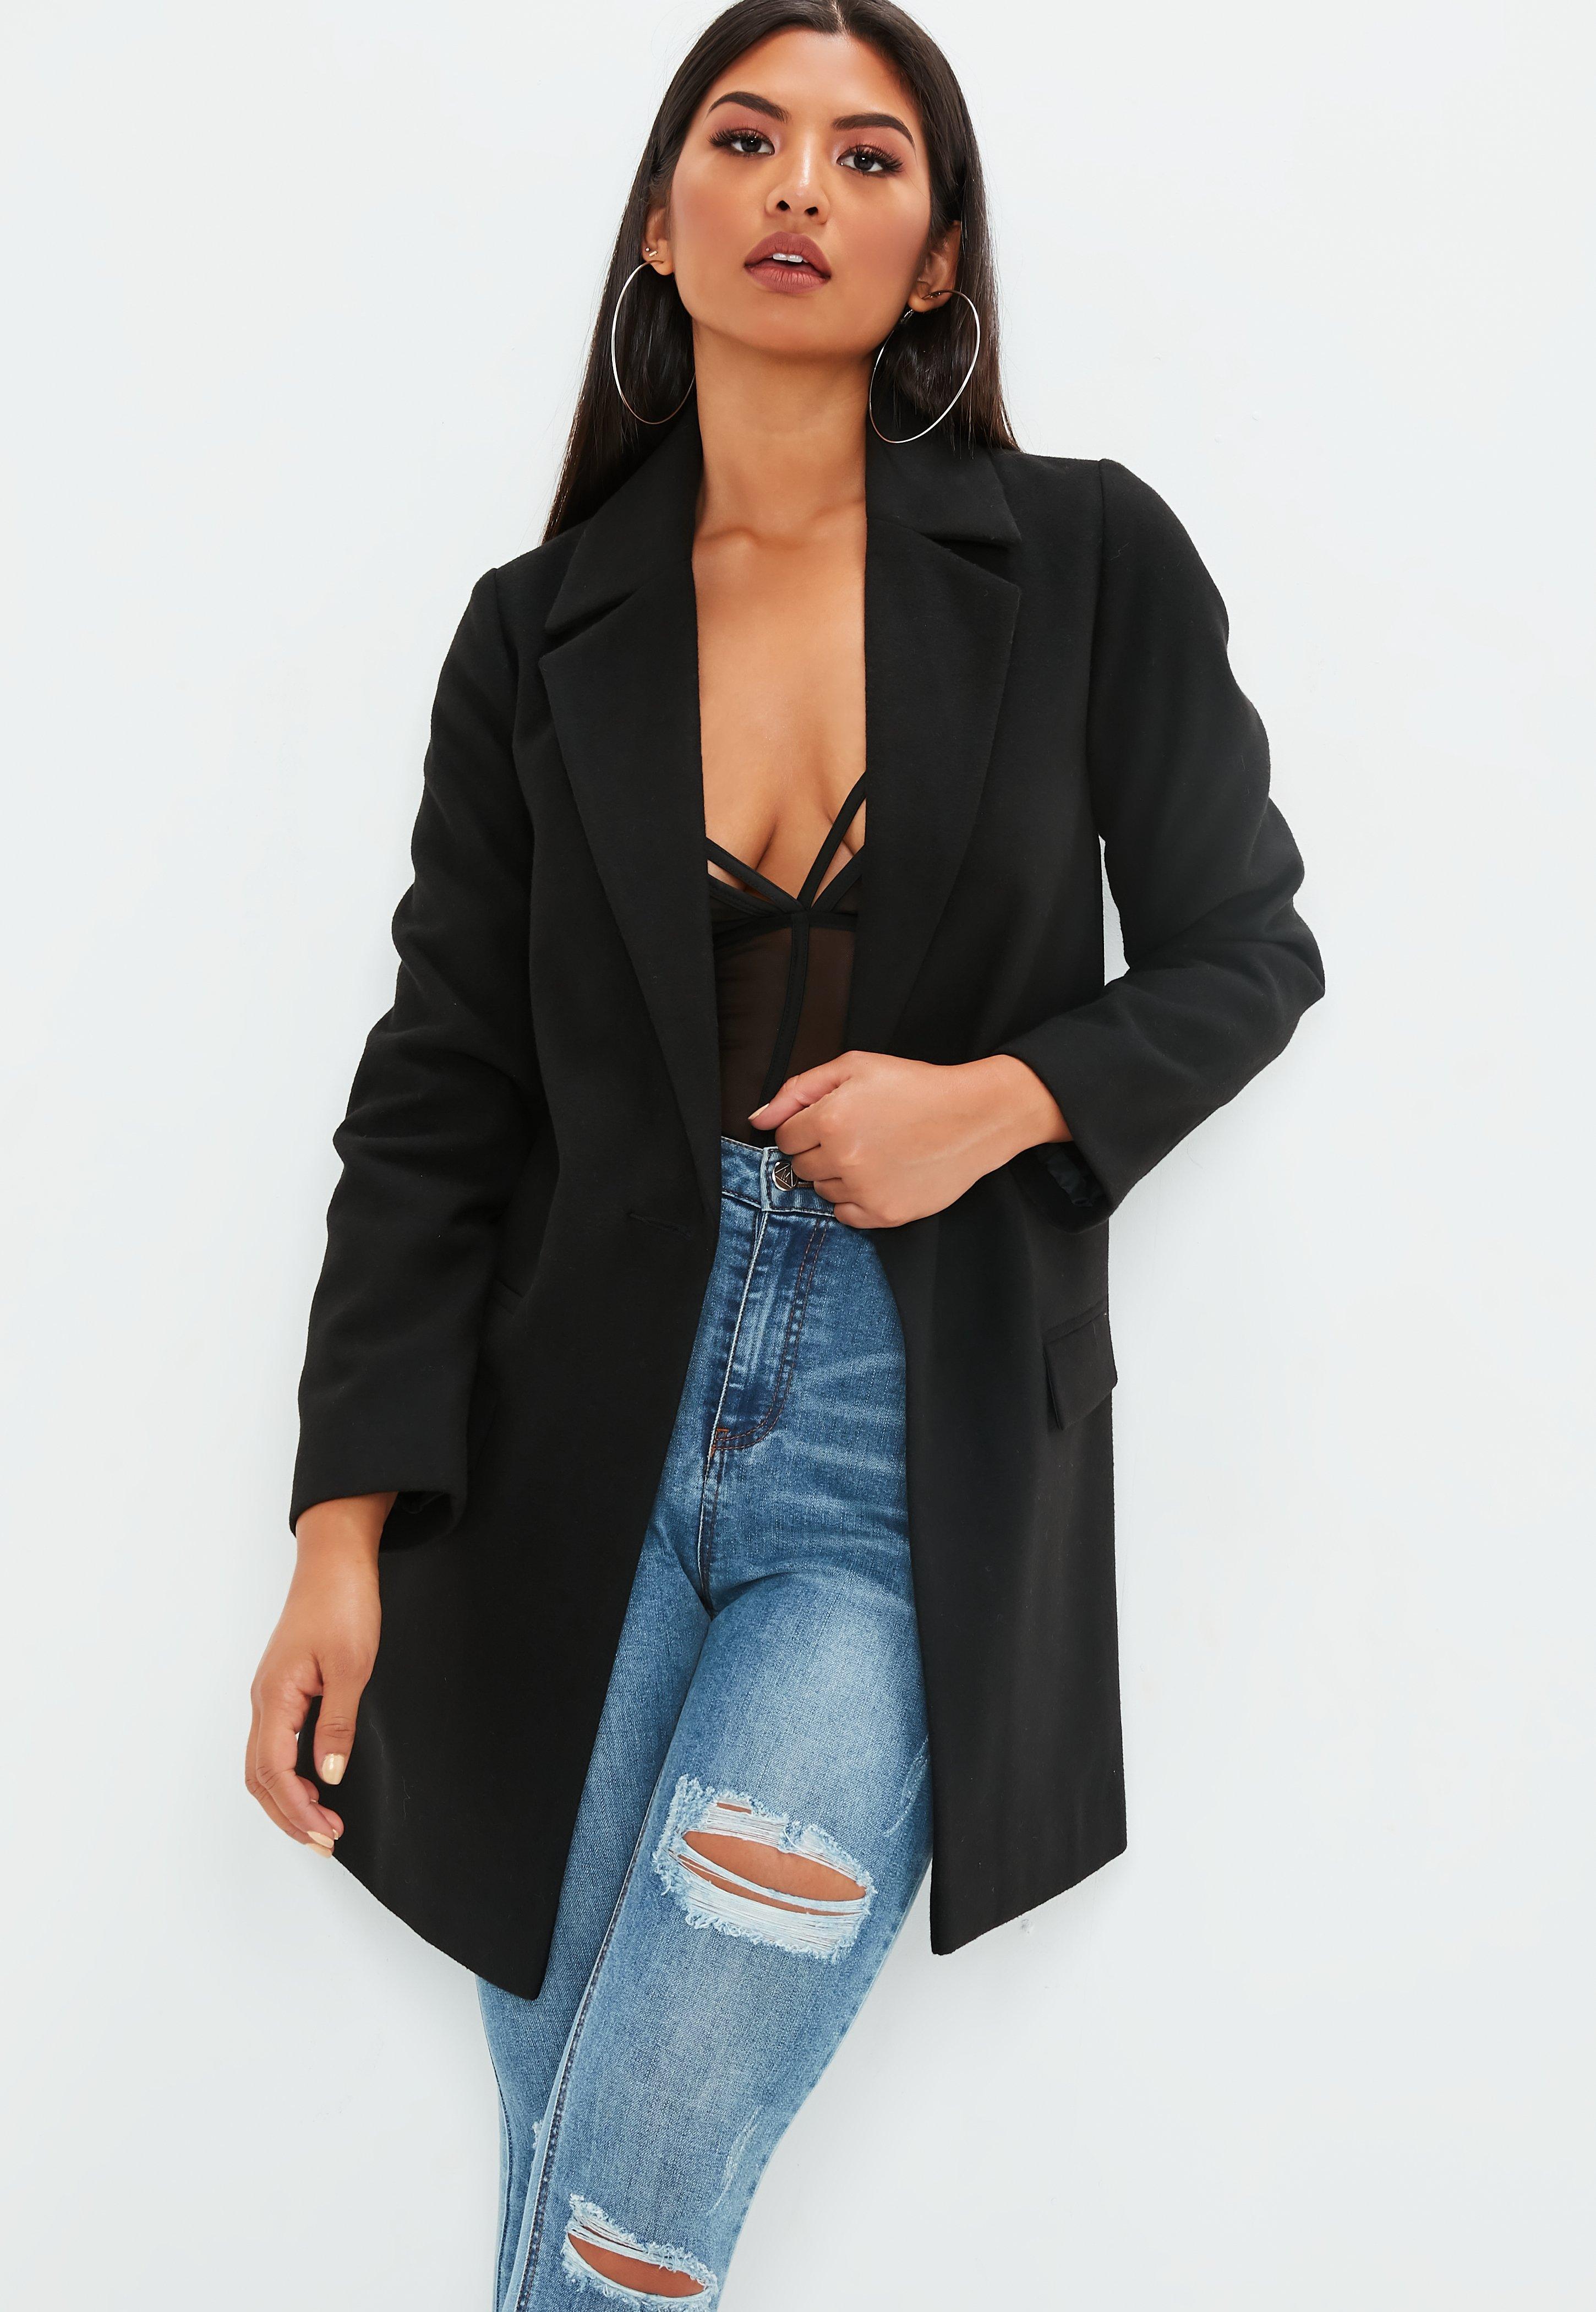 Schwarzer mantel fur kleine frauen